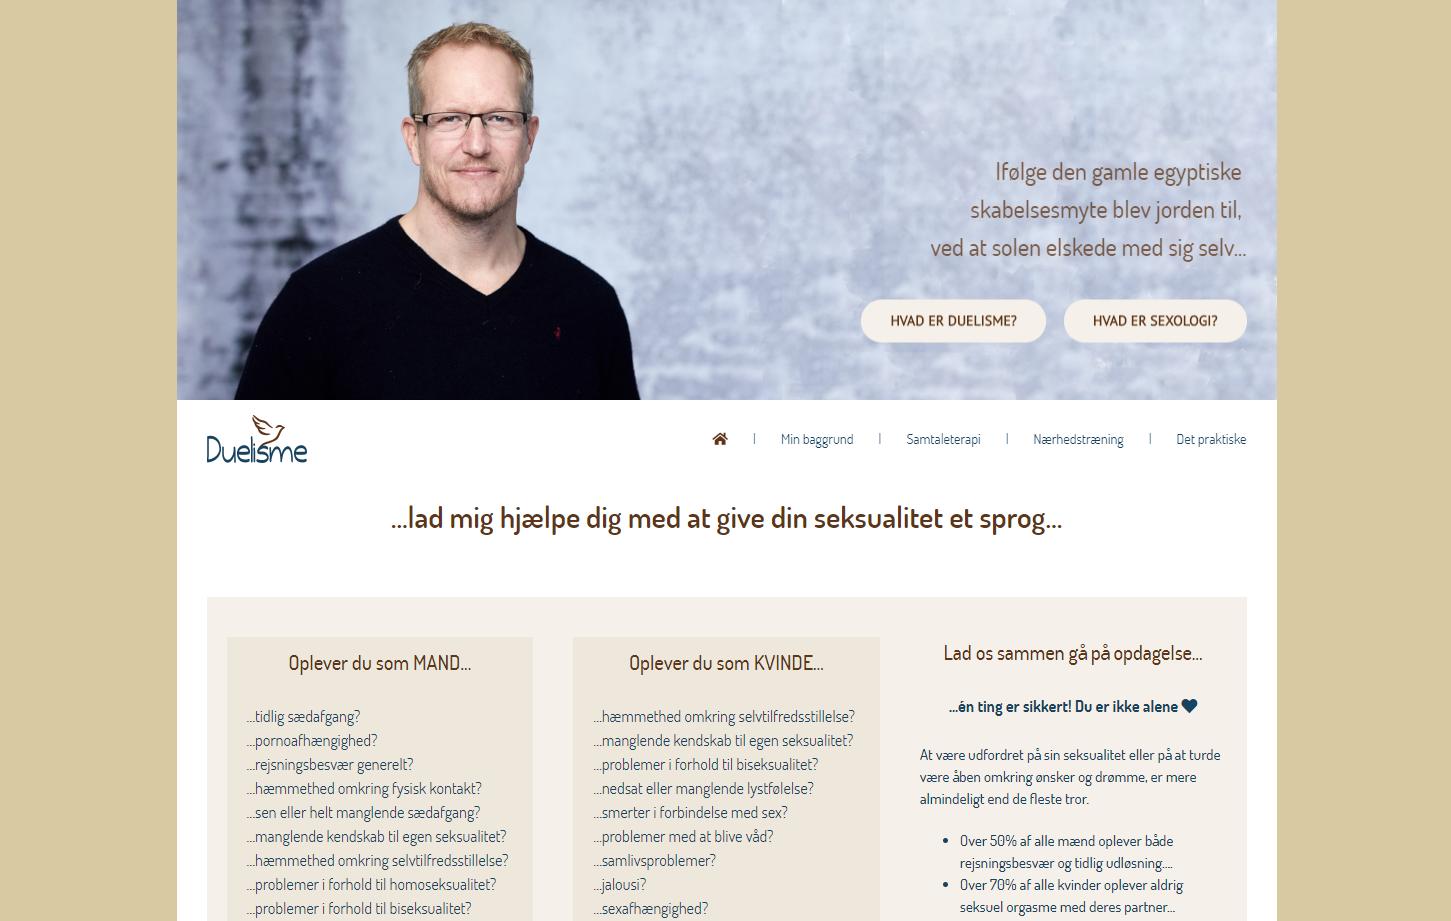 www.duelisme.dk